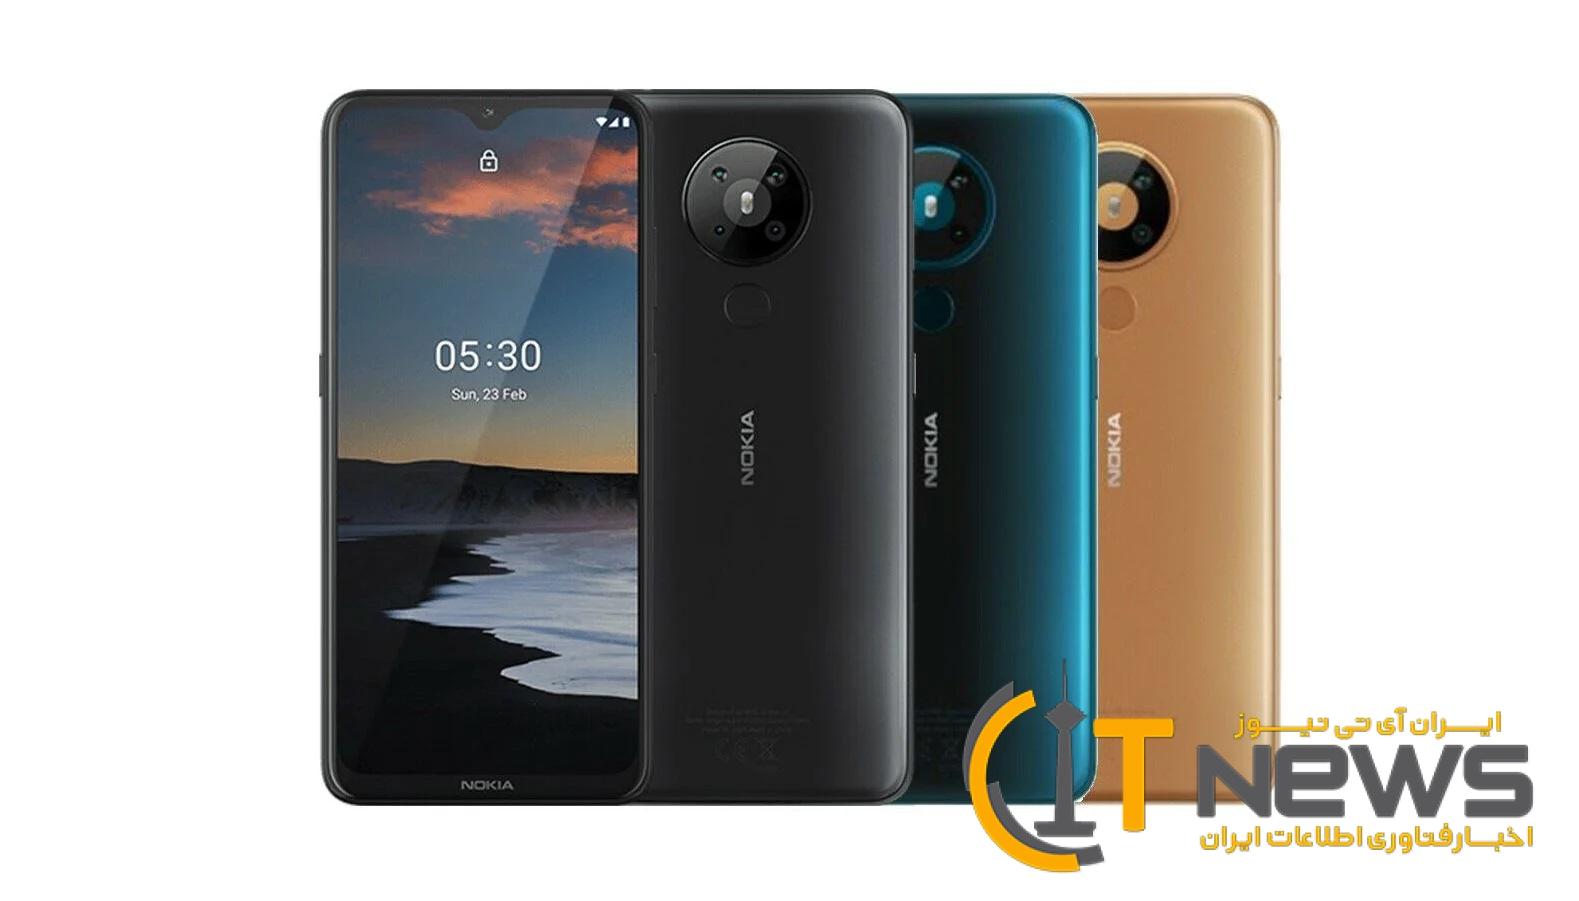 بزودی Nokia 5.3 بطور رسمی معرفی خواهد شد